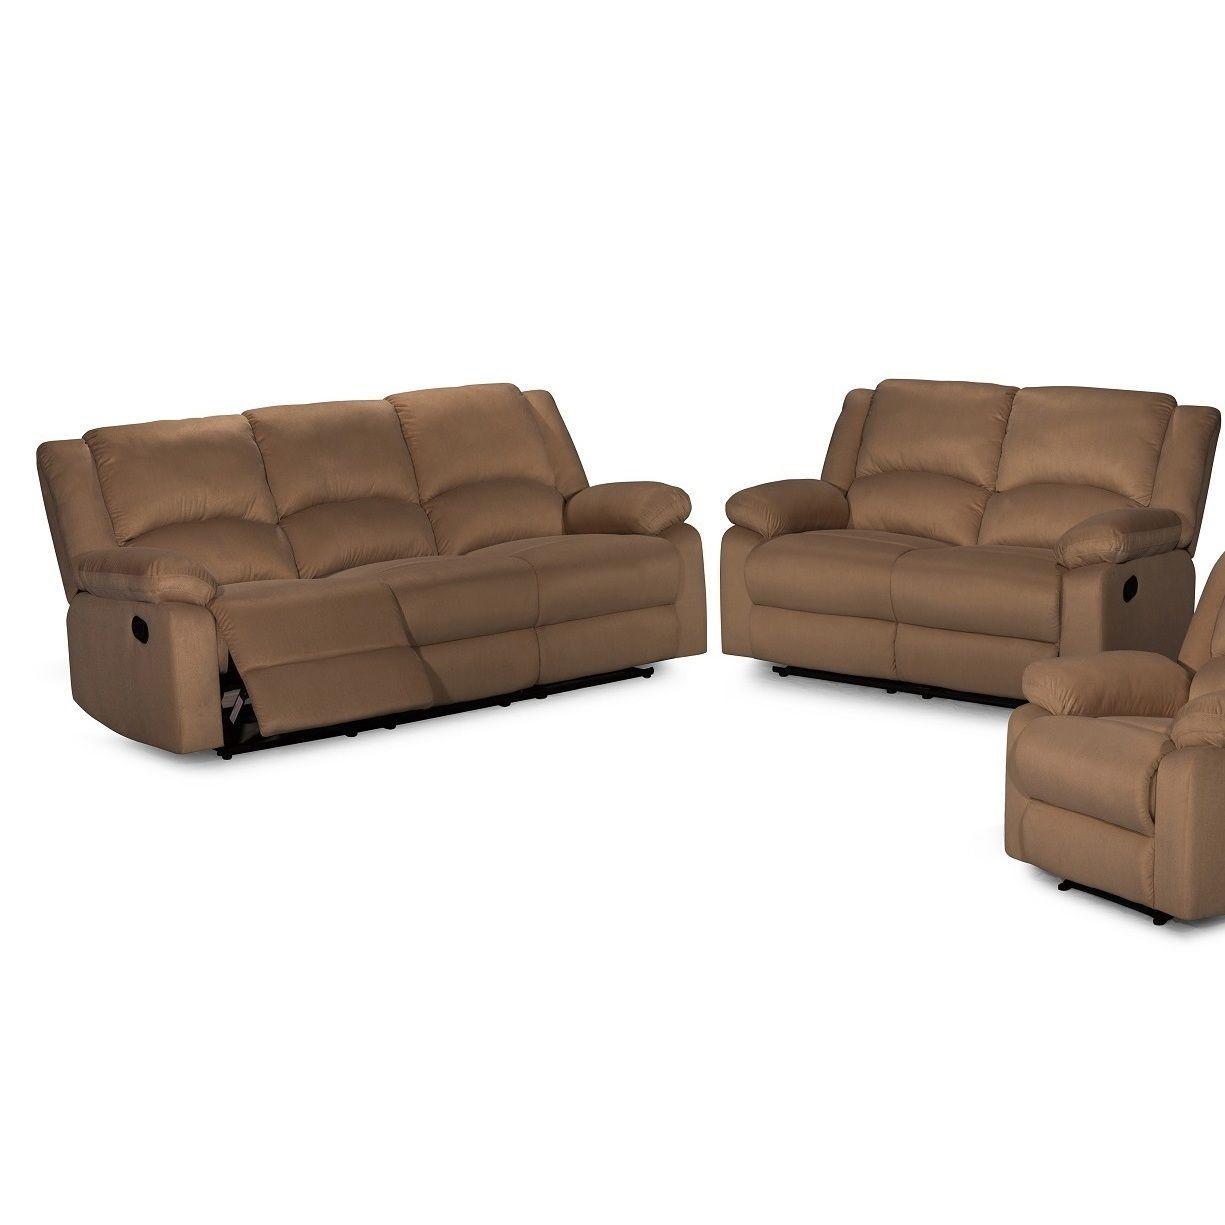 Broyhill Sofa Contemporary piece Microfiber Fabric Reclining Sofa Set Brown Fabric Reclining Sofa Set